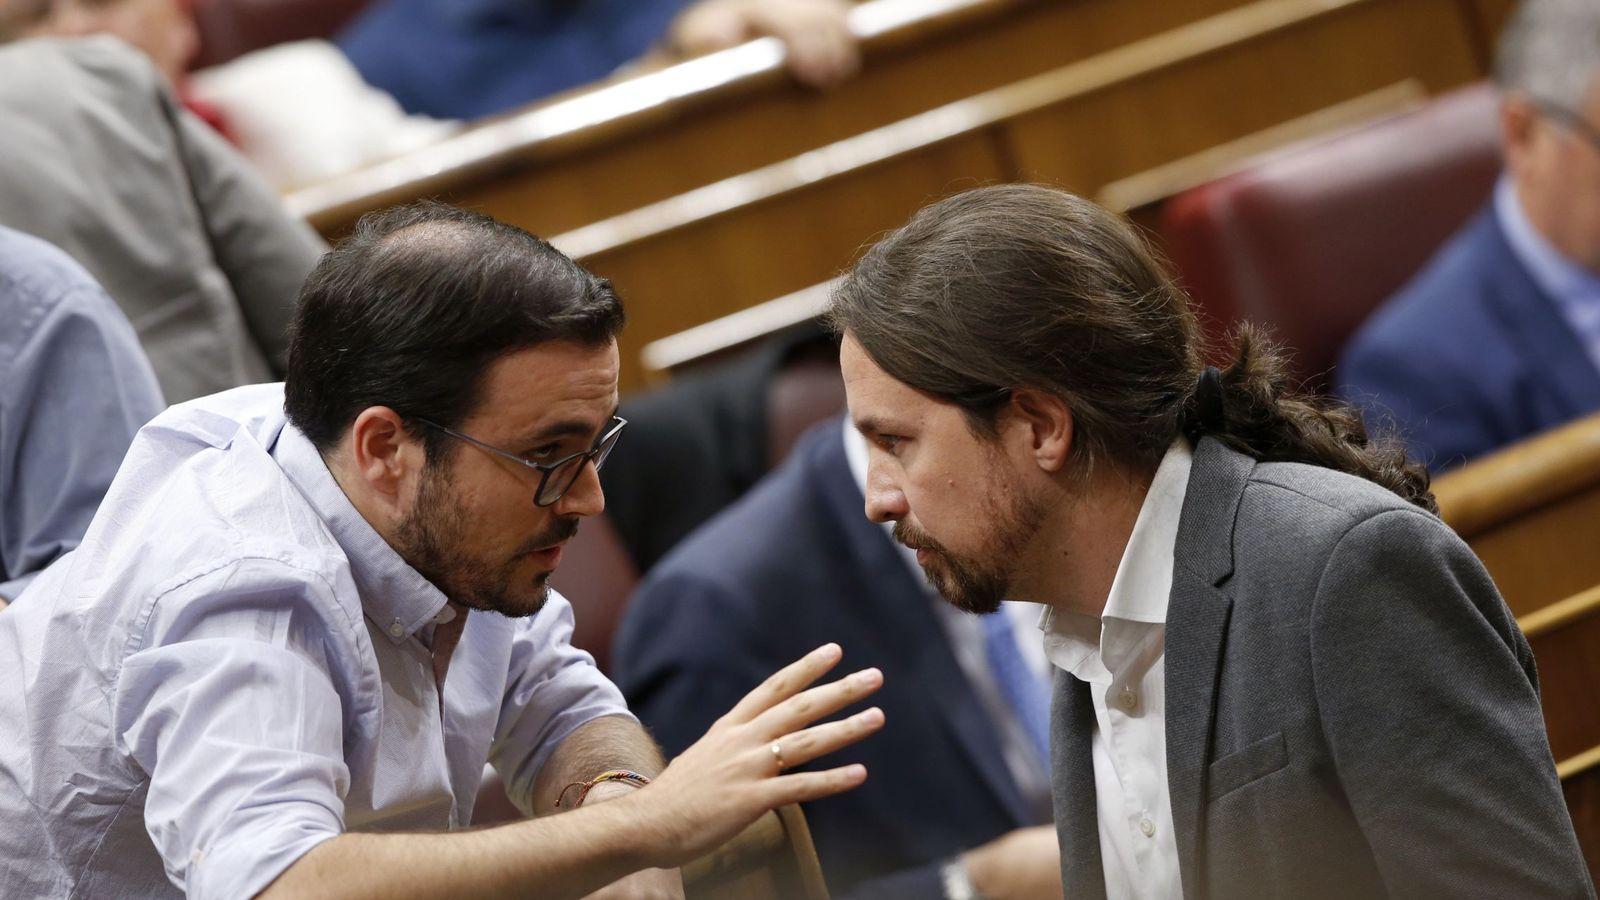 Foto: El secretario general de Podemos, Pablo Iglesias (d), conversa con el coordinador general de IU, Alberto Garzón (i), al inicio de un pleno del Congreso. (EFE)